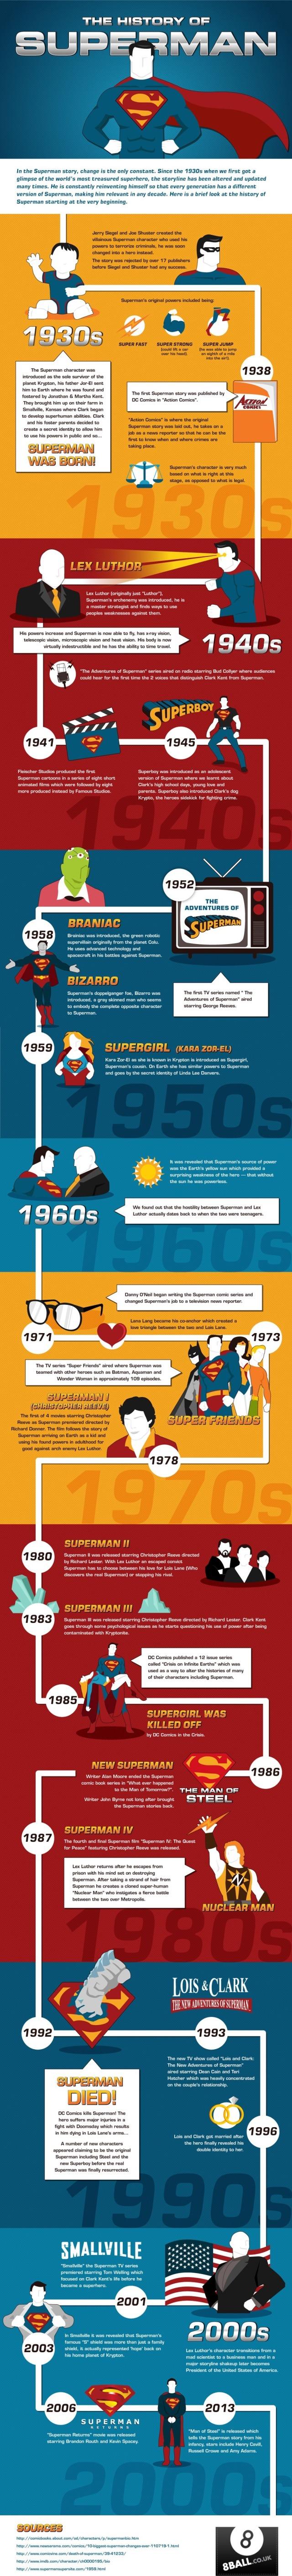 La historia de Superman